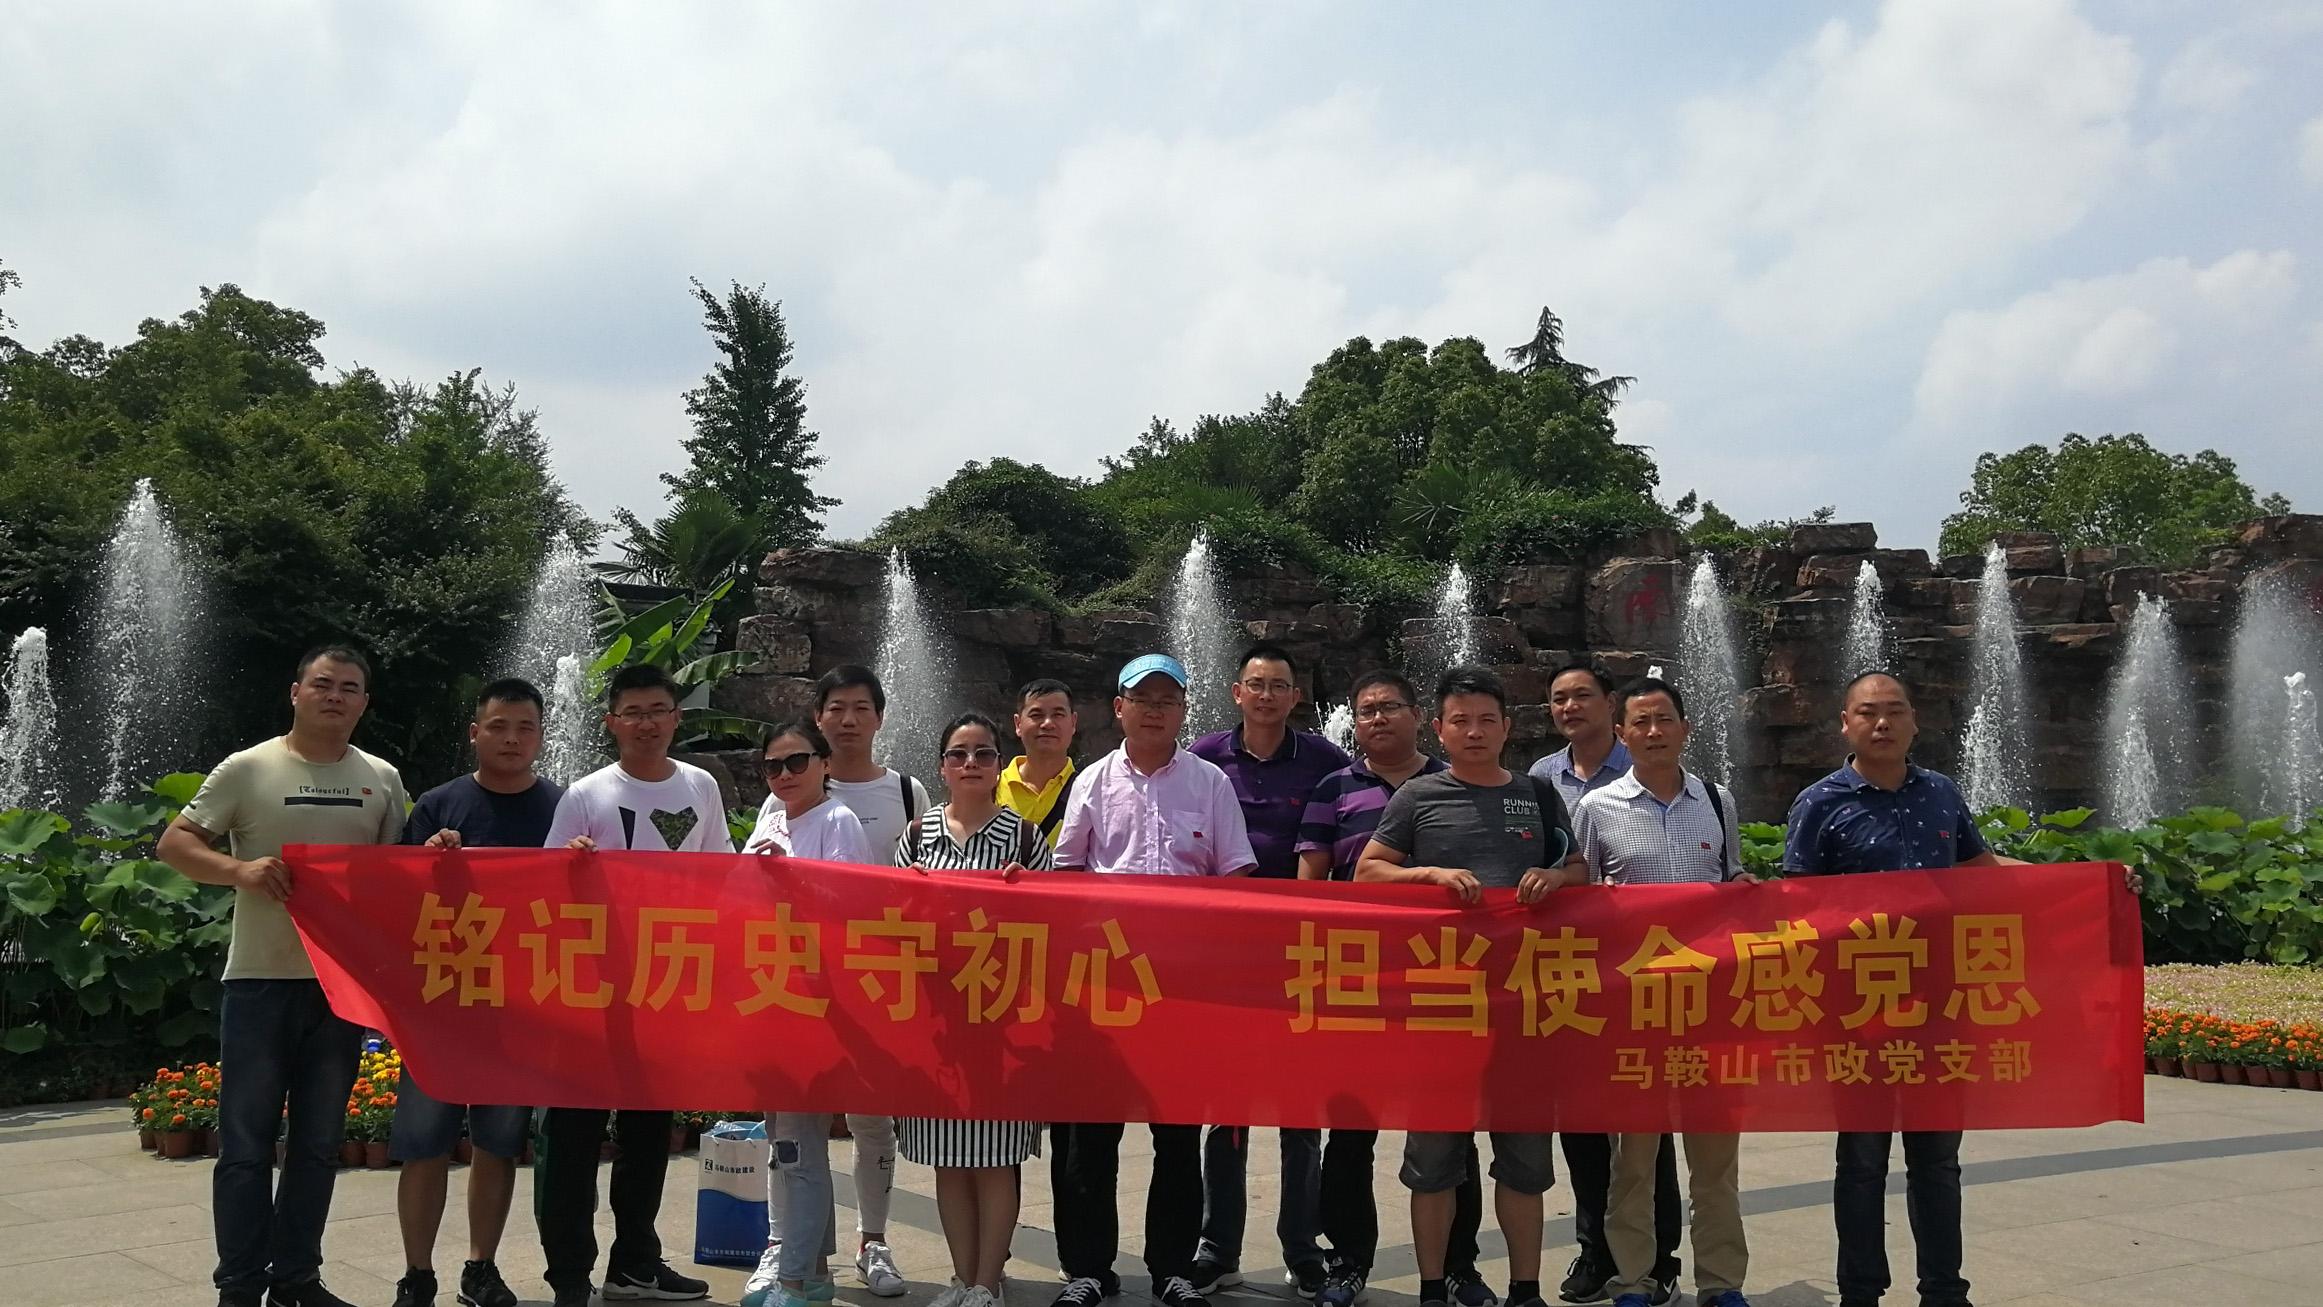 title='韦德国际娱乐1946党员赴南湖革命纪念馆学习'